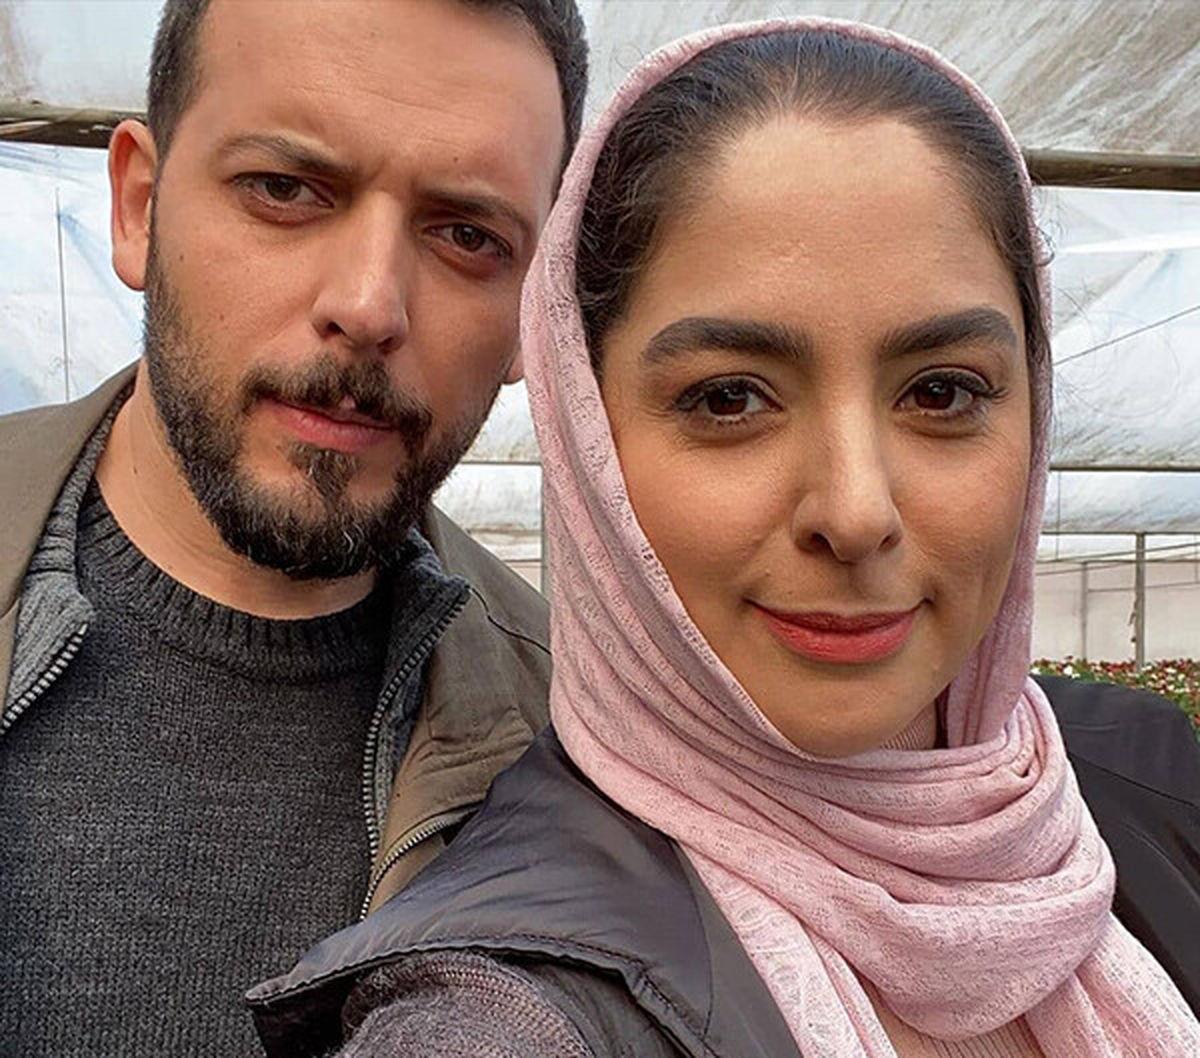 همسر پدرام شریفی کیست؟ +بیوگرافی و سریال های پدرام شریفی